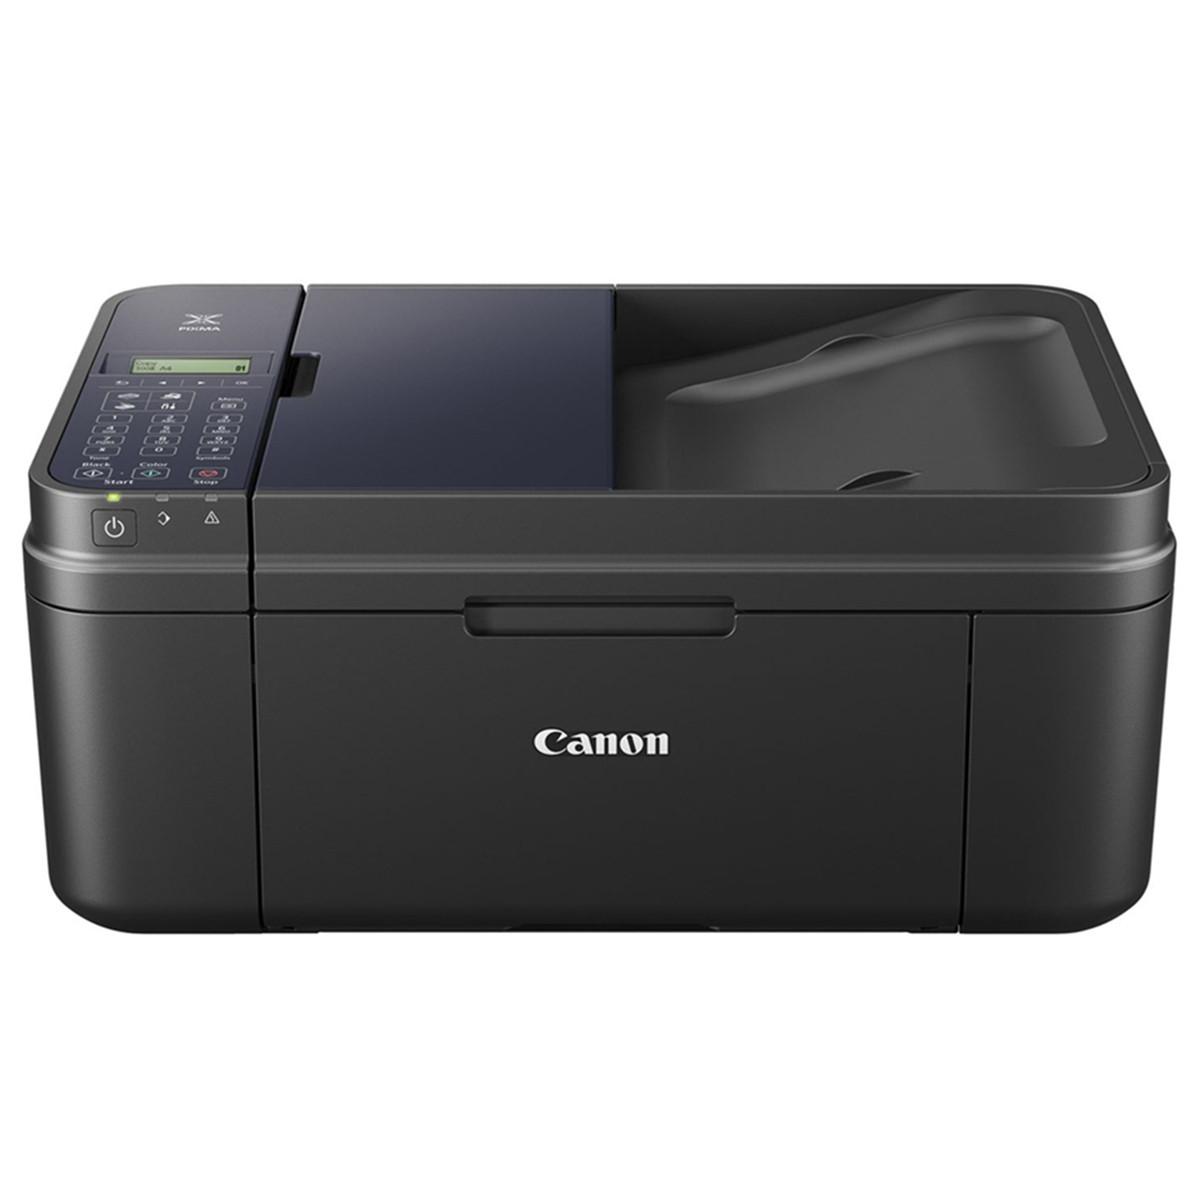 Impressora Canon Pixma E481 | Multifuncional Jato de Tinta Wireless e ADF